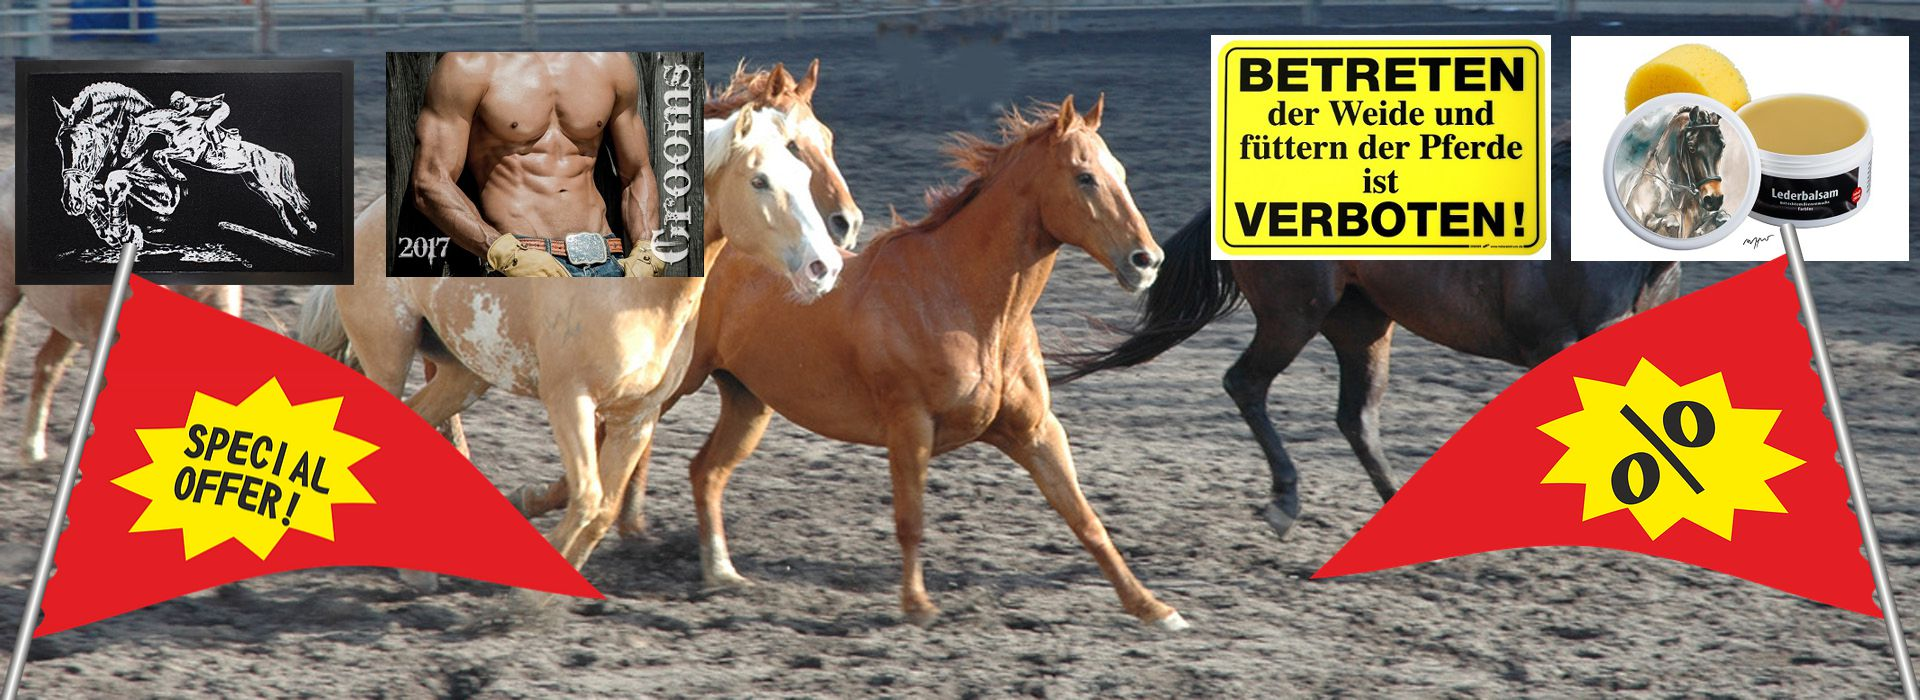 Rund um Pferd & Reiter